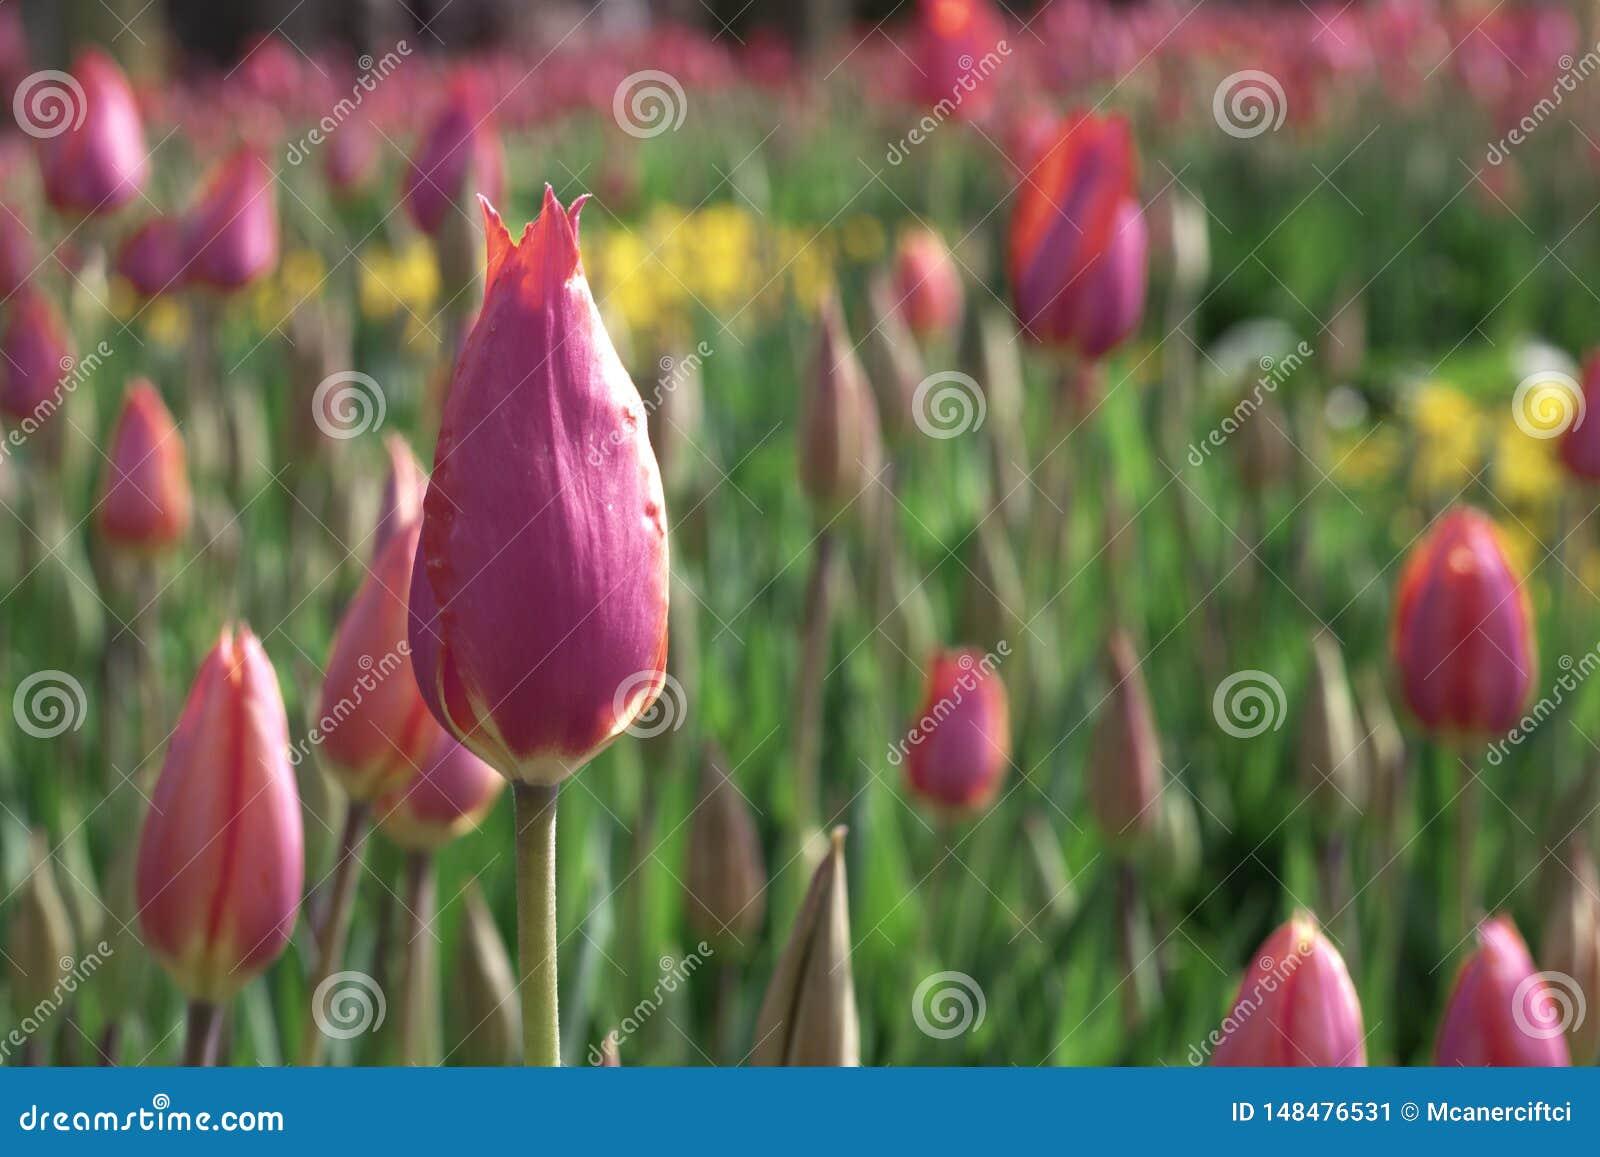 Blumen von Tulpen in den verschiedenen Farben im Garten